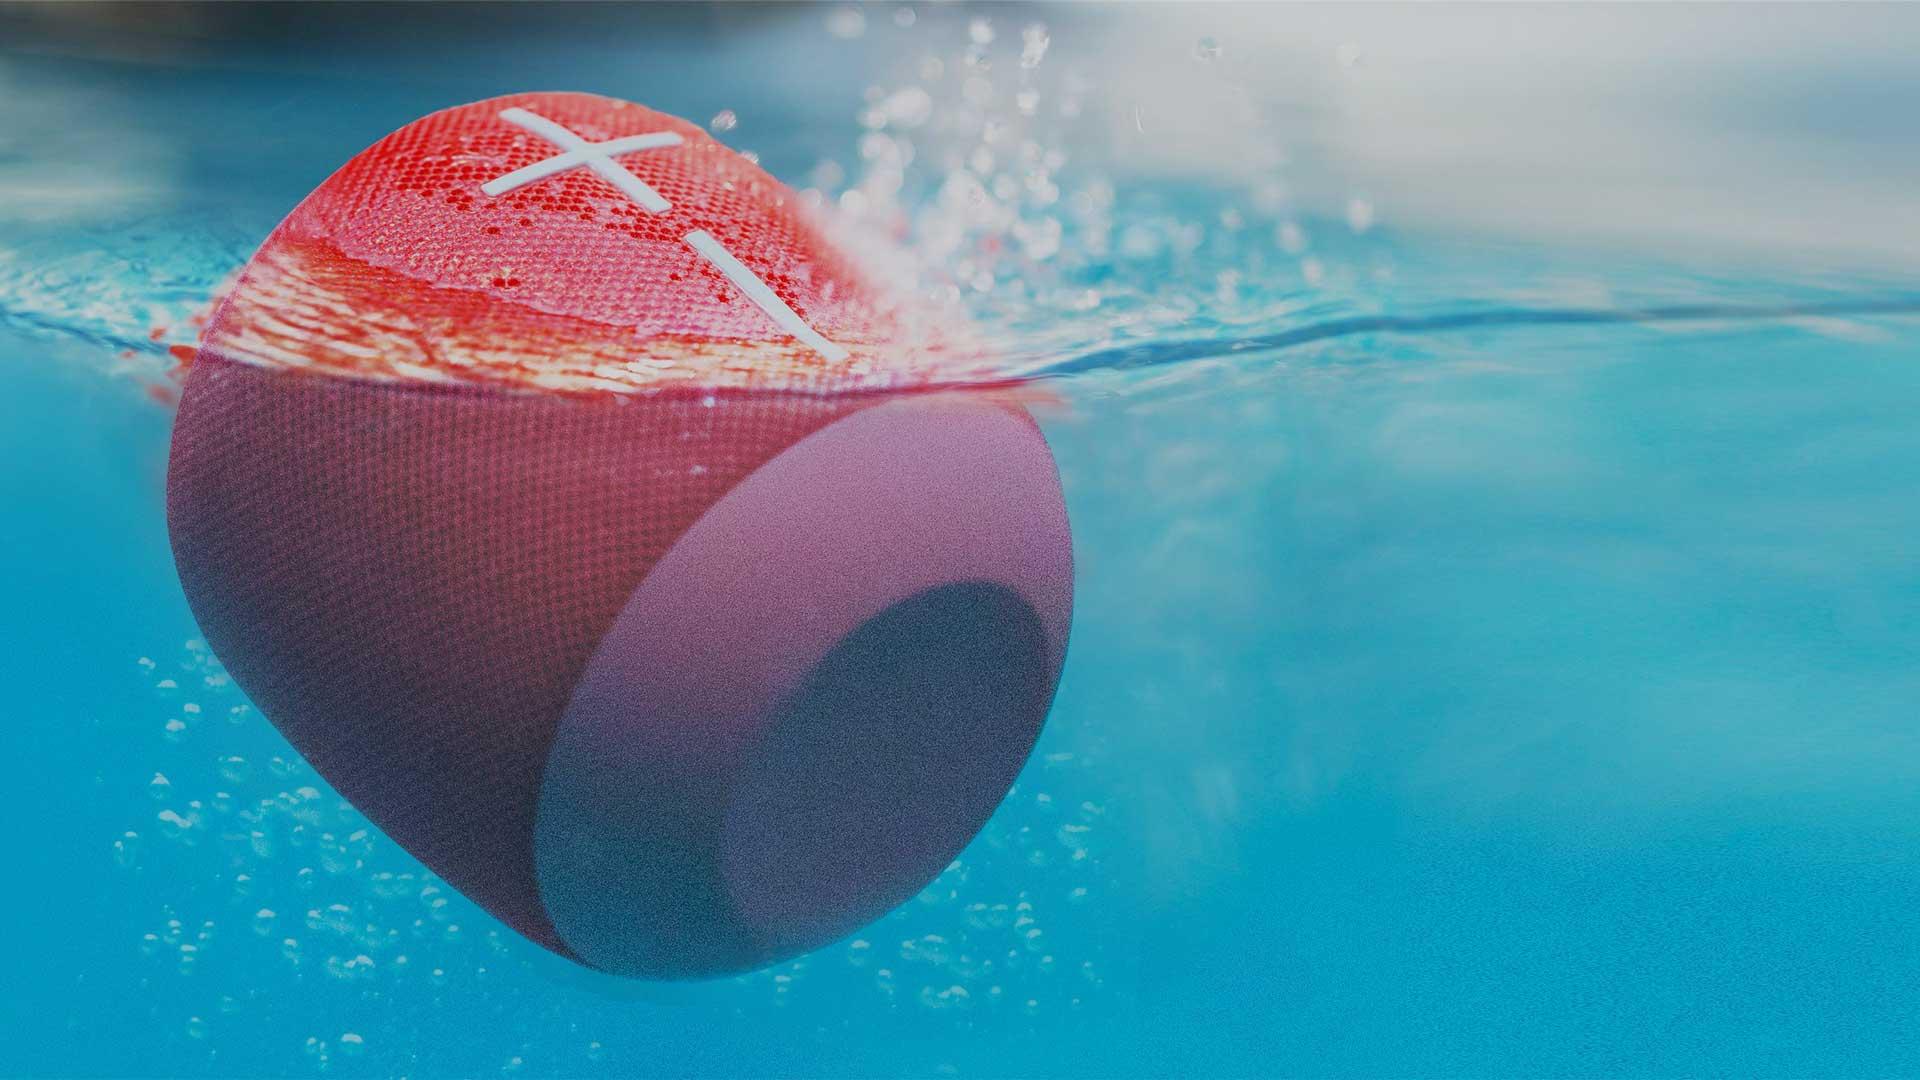 Ultimate Ears UE wonderboom speaker waterproof